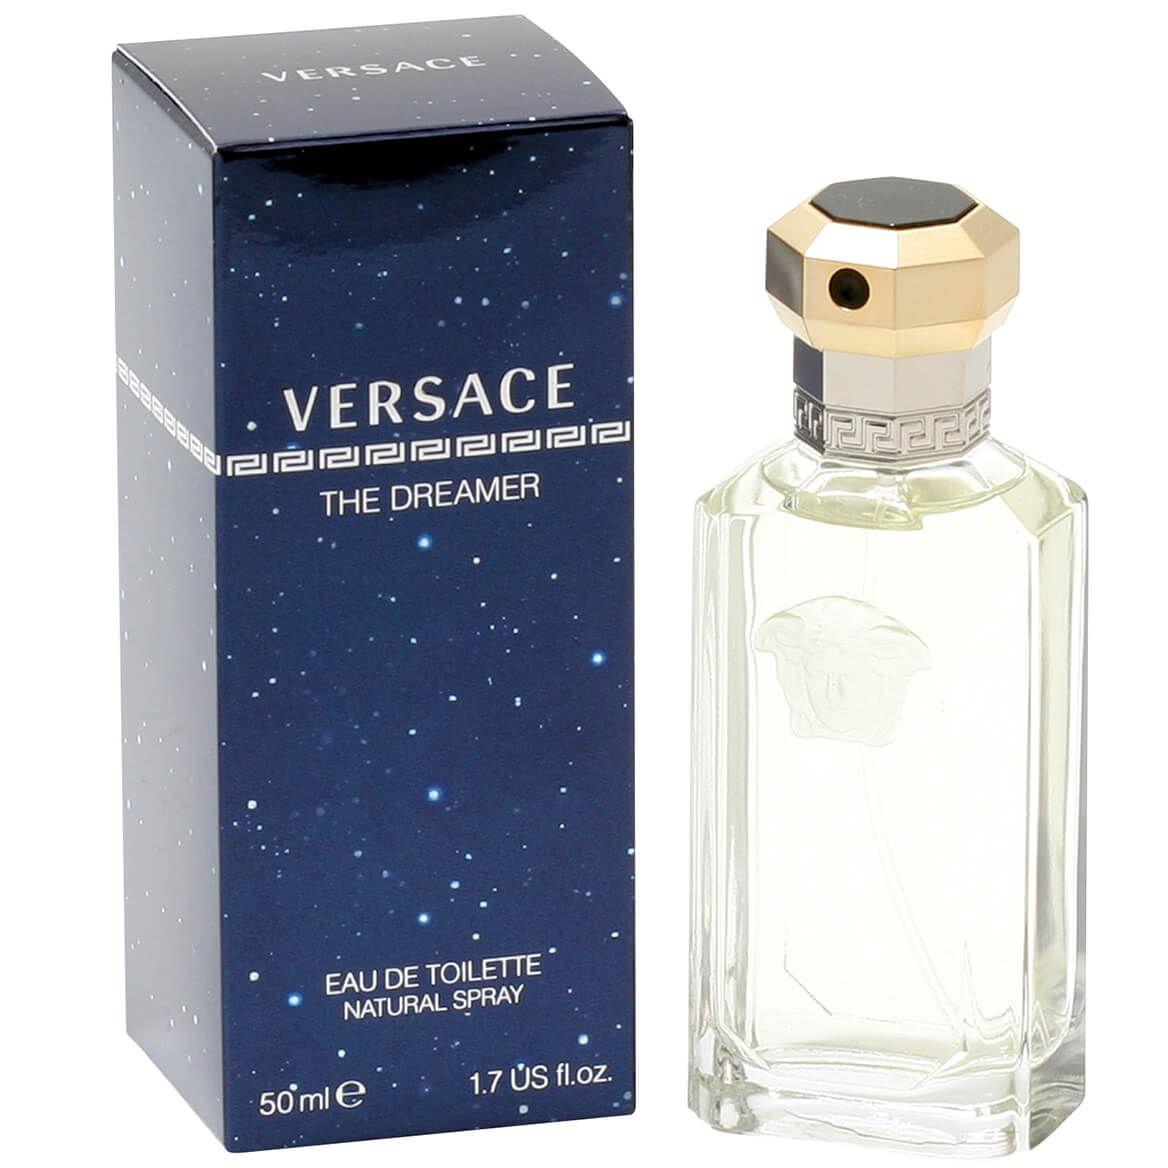 Versace Dreamer for Men EDT, 1.7 oz.-366897